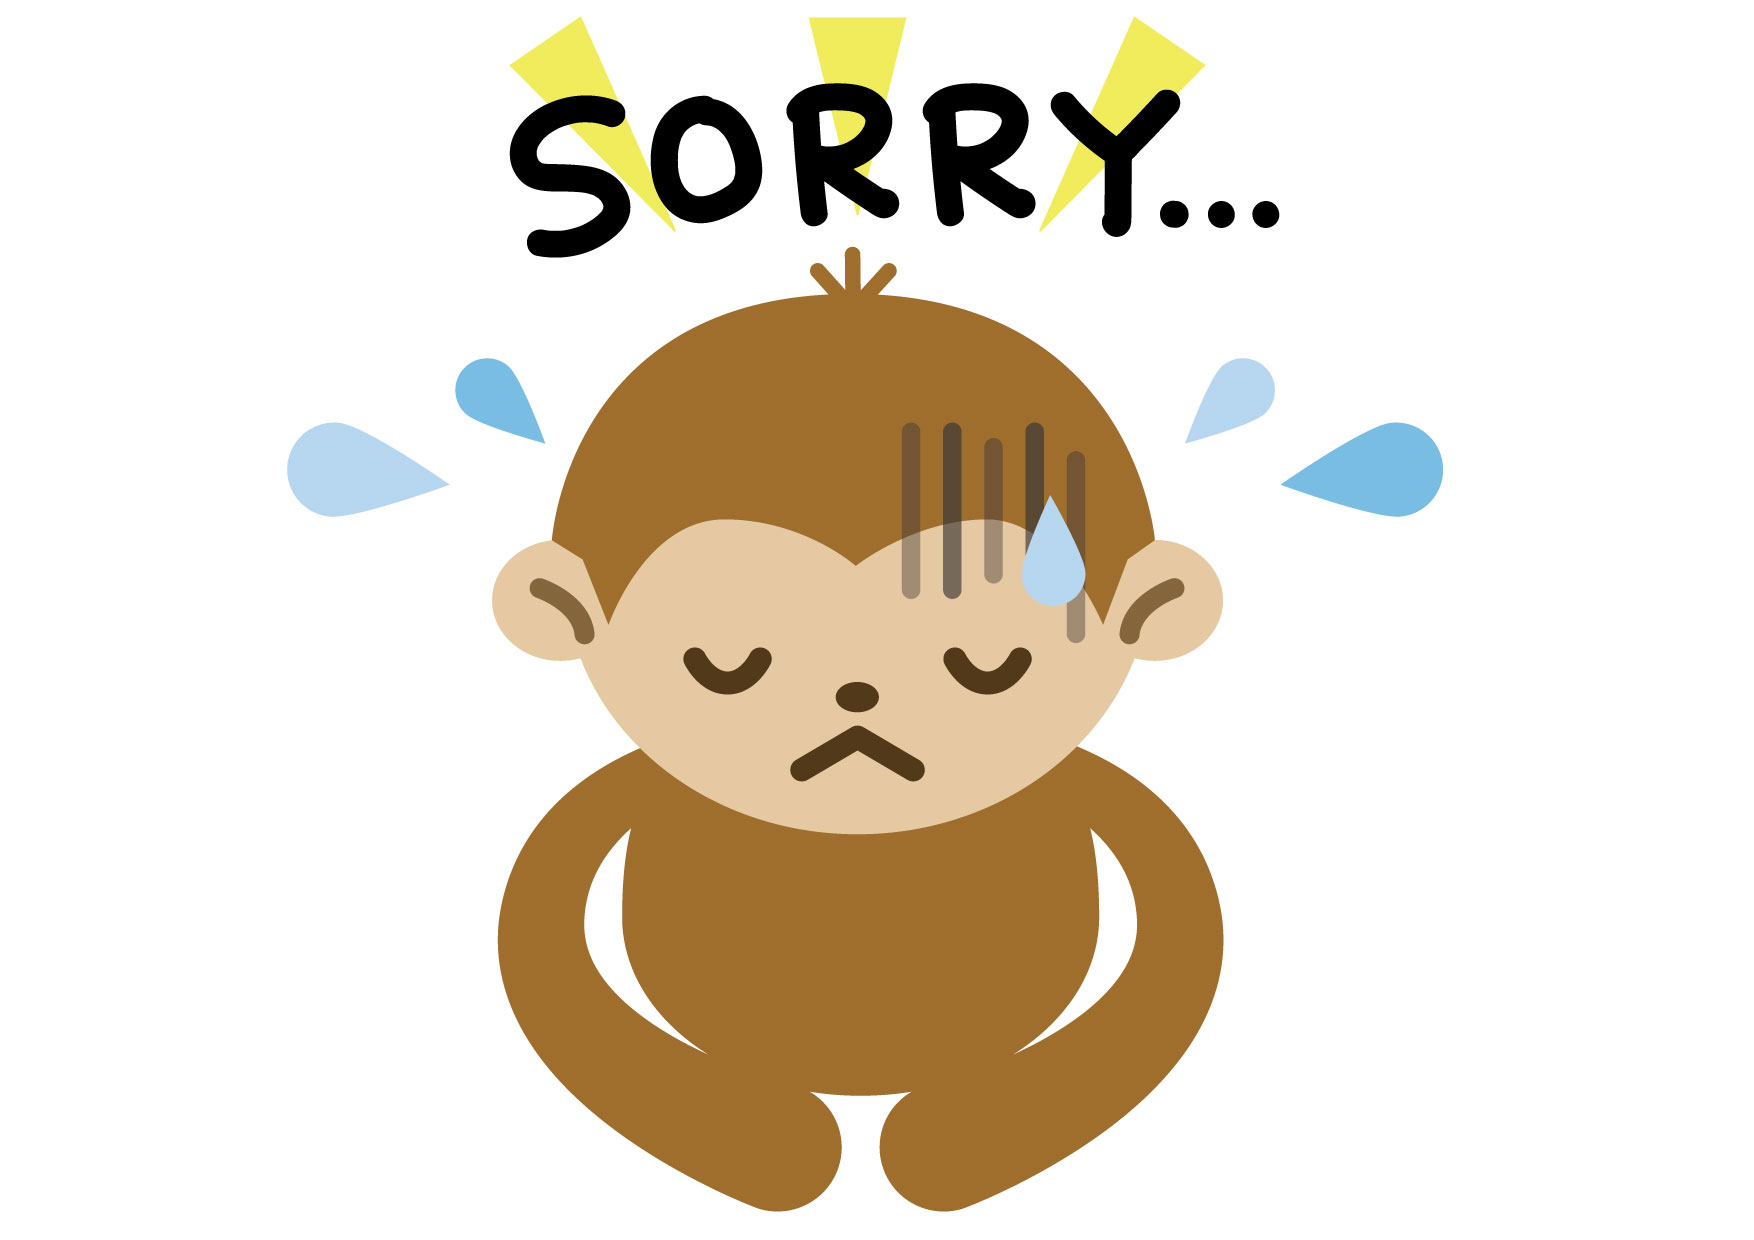 謝る 猿 イラスト 無料 | イラストダウンロード